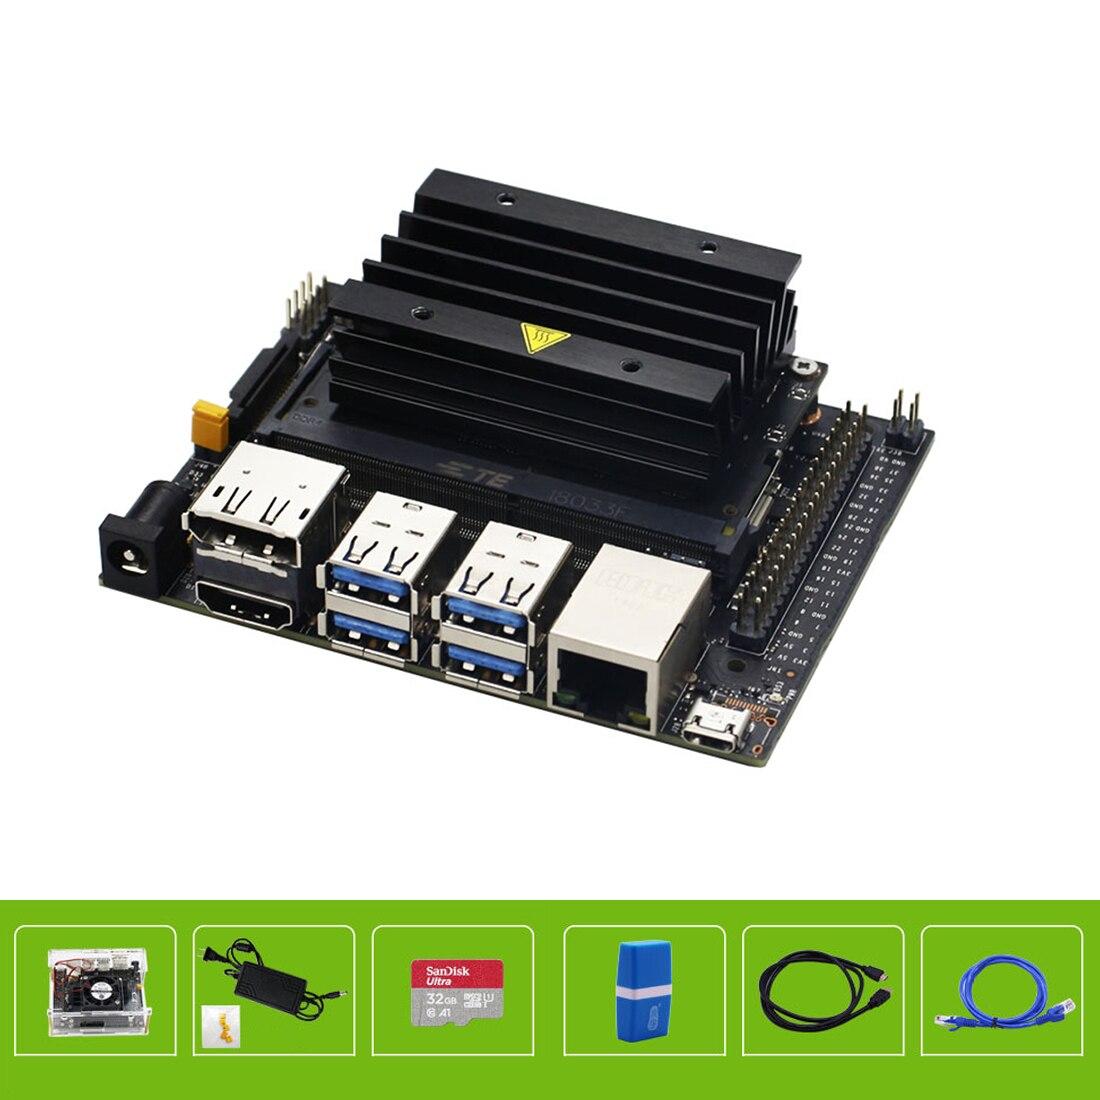 32GB SD Card Jetson NANO Programmable Robot Set Development Board Kit